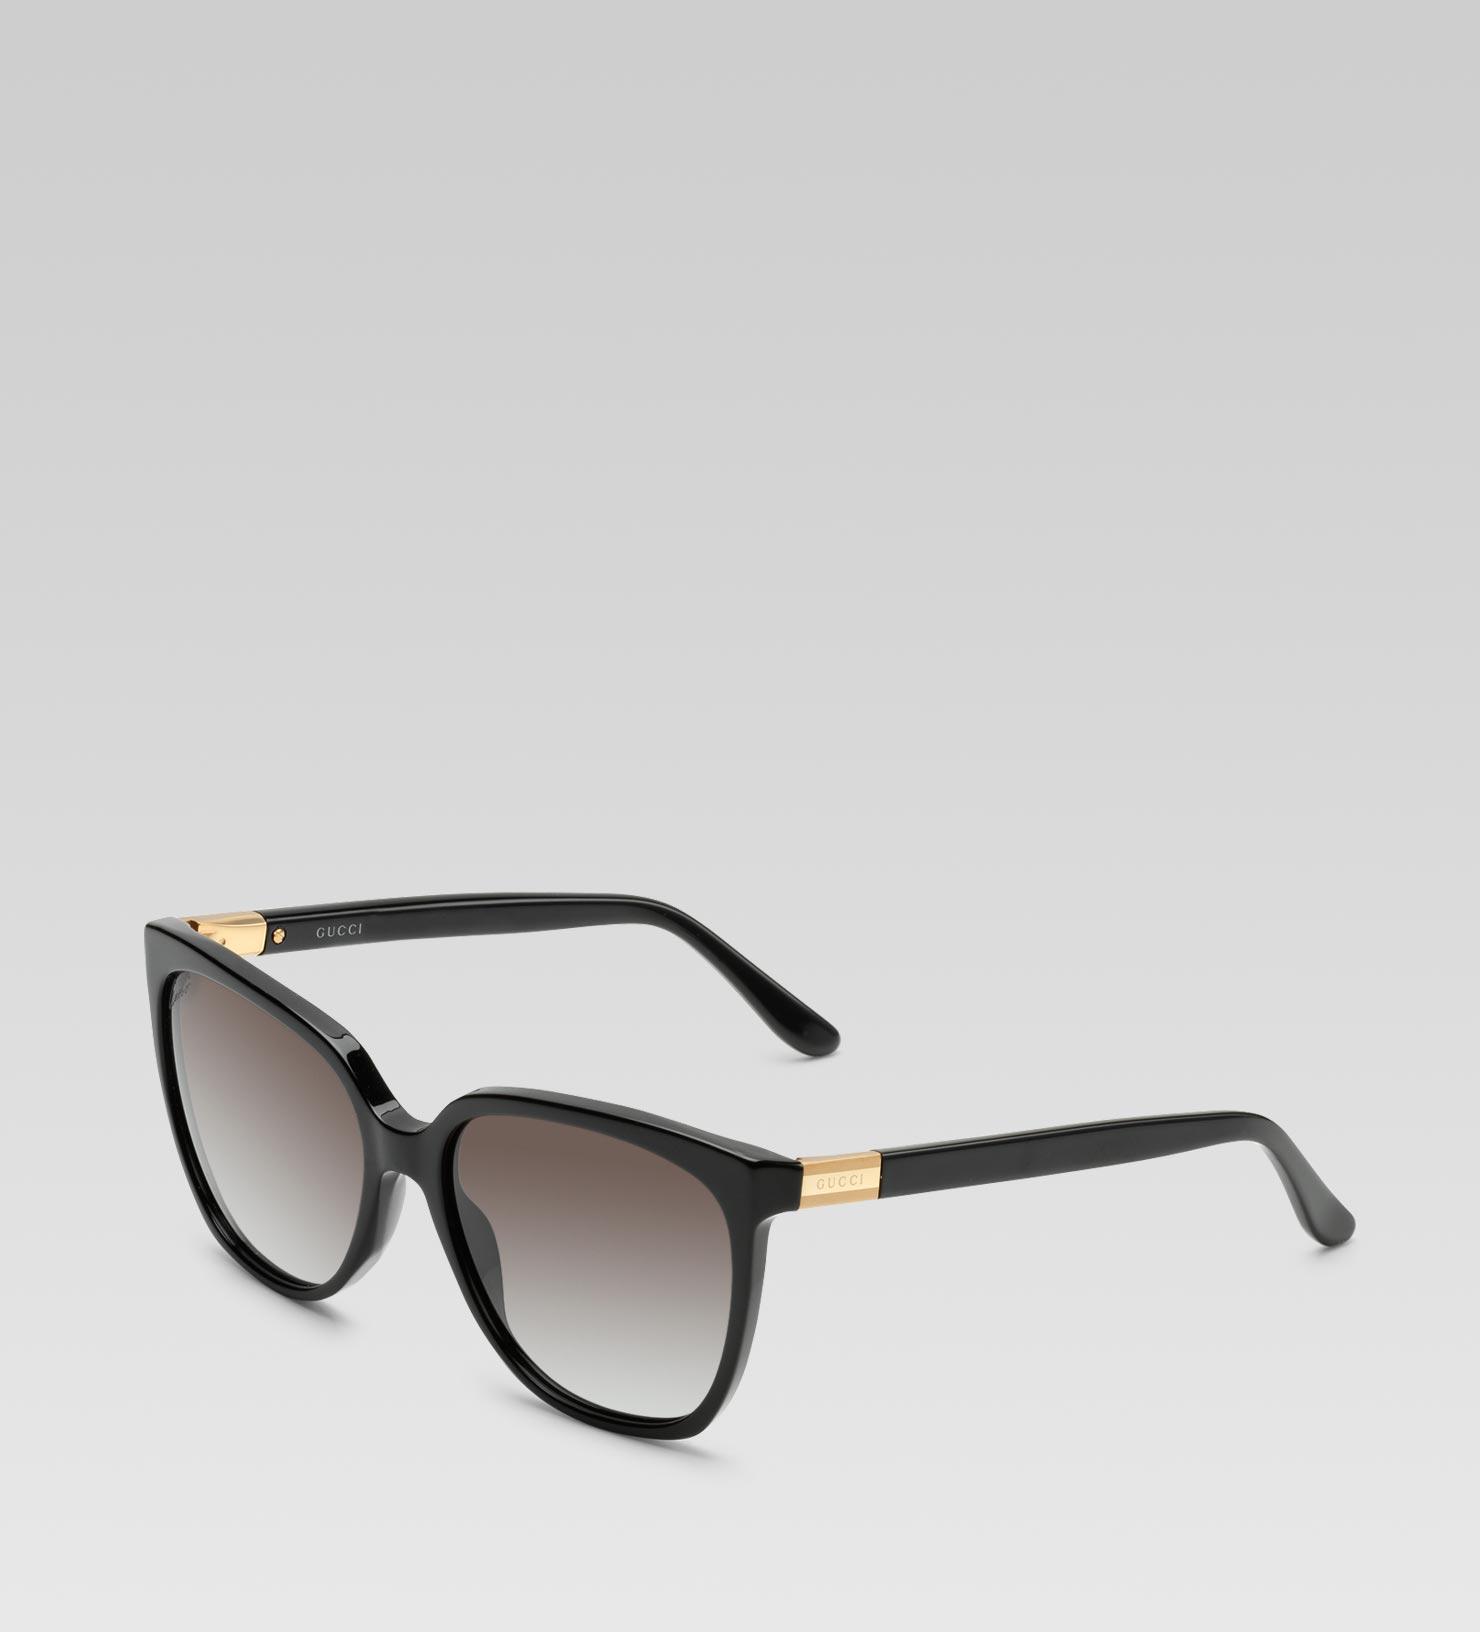 Gucci Square Sunglasses  gucci medium square frame sunglasses with gucci web plaque logo